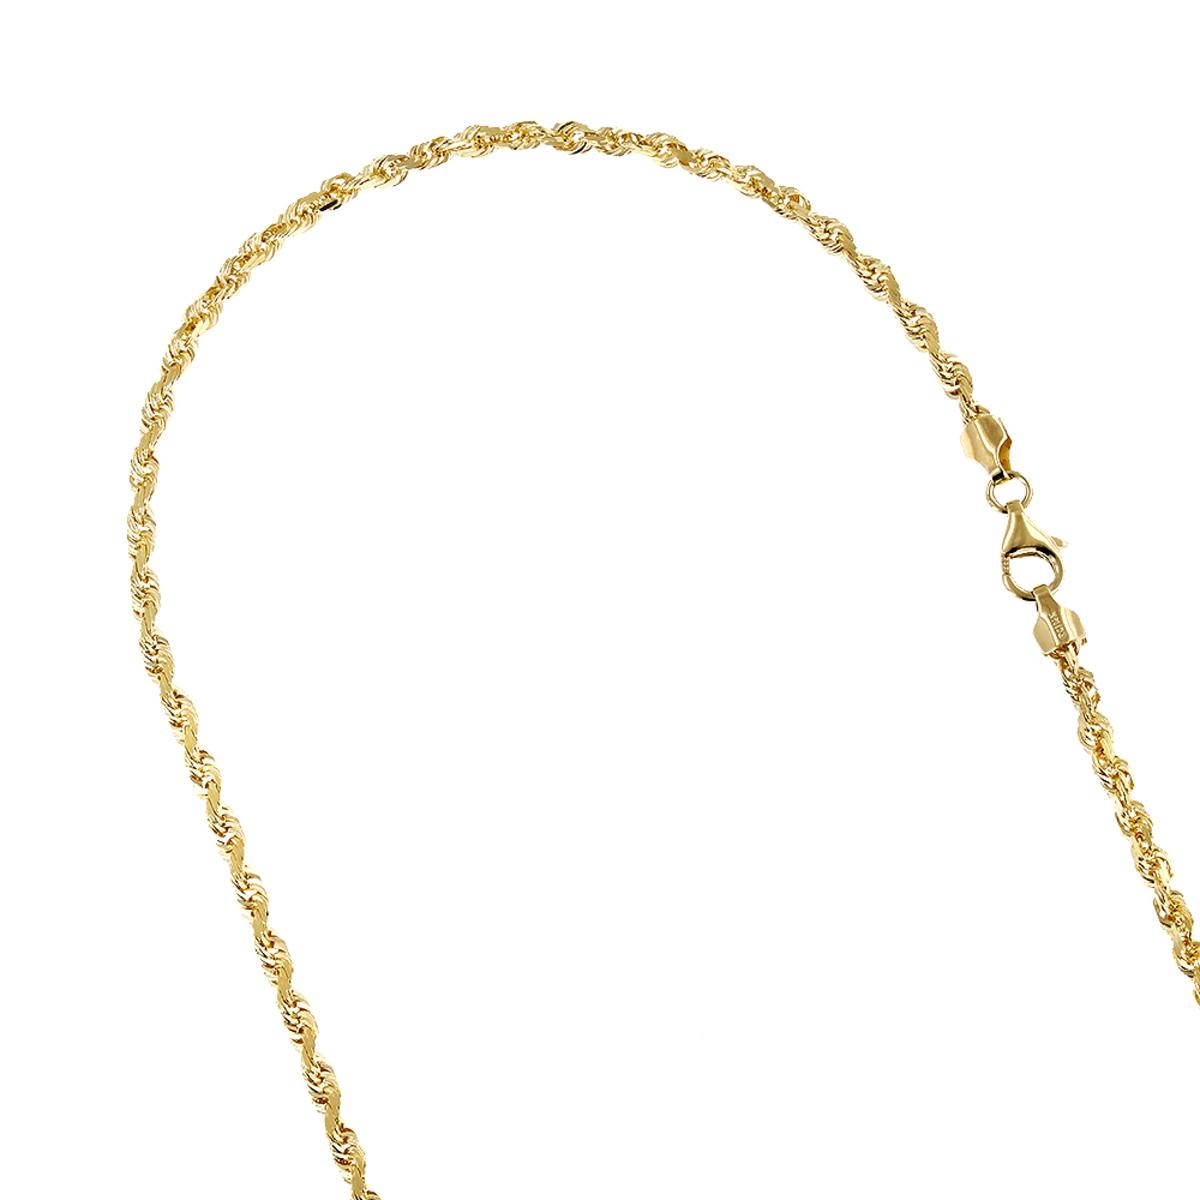 LUXURMAN Solid 10k Gold Rope Chain For Men & Women Diamond Cut 3mm